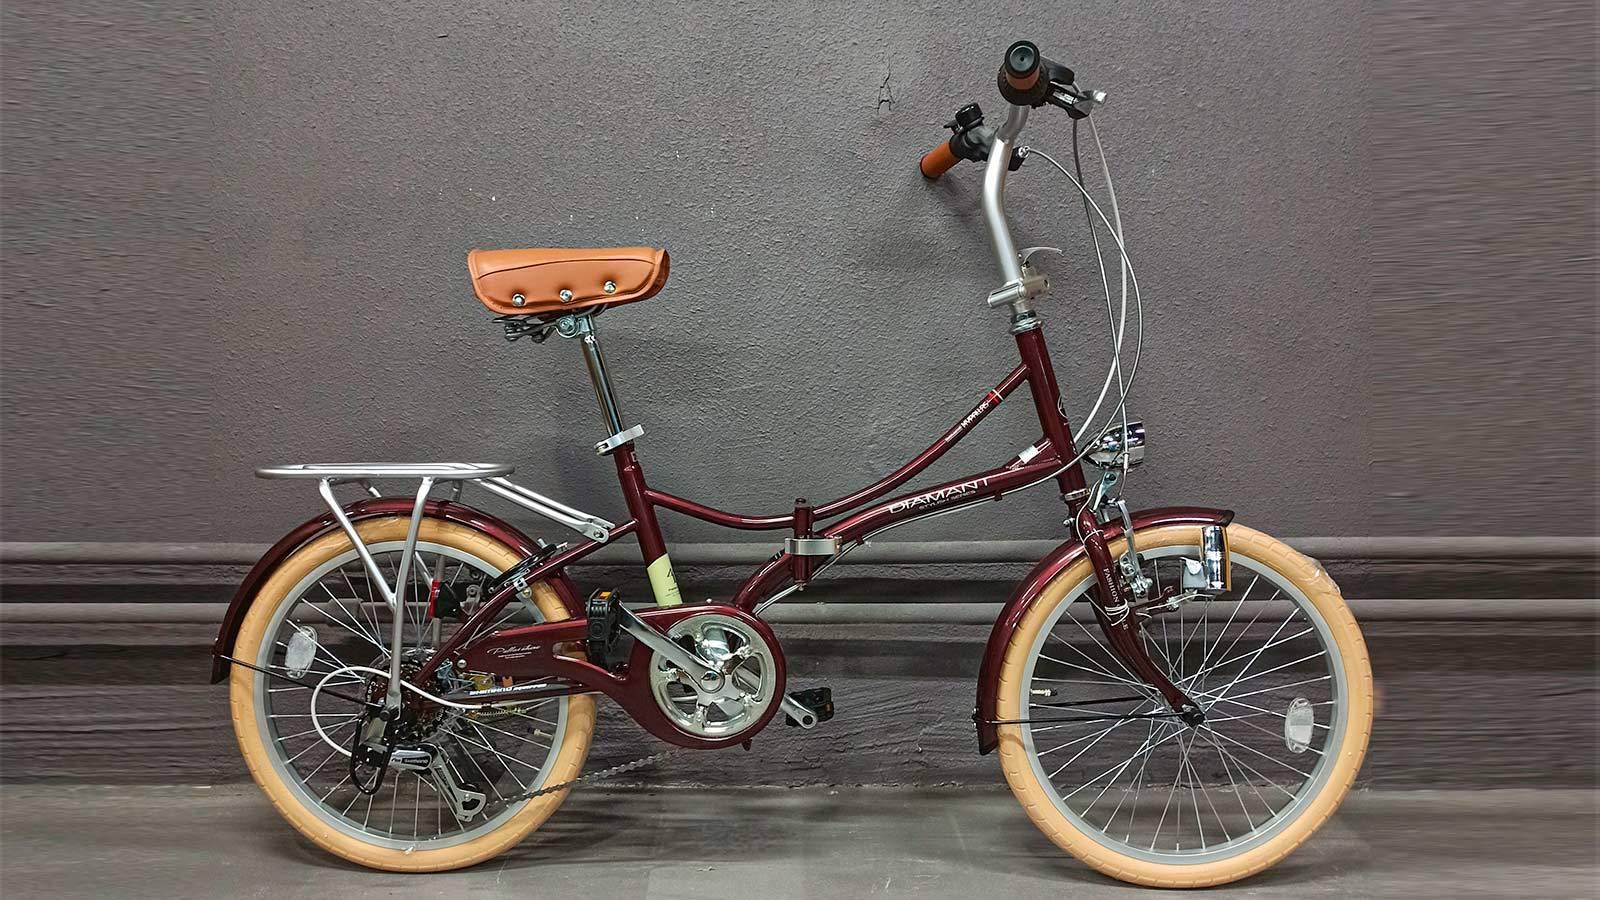 Японский складной велосипед MyPallas M260 винный